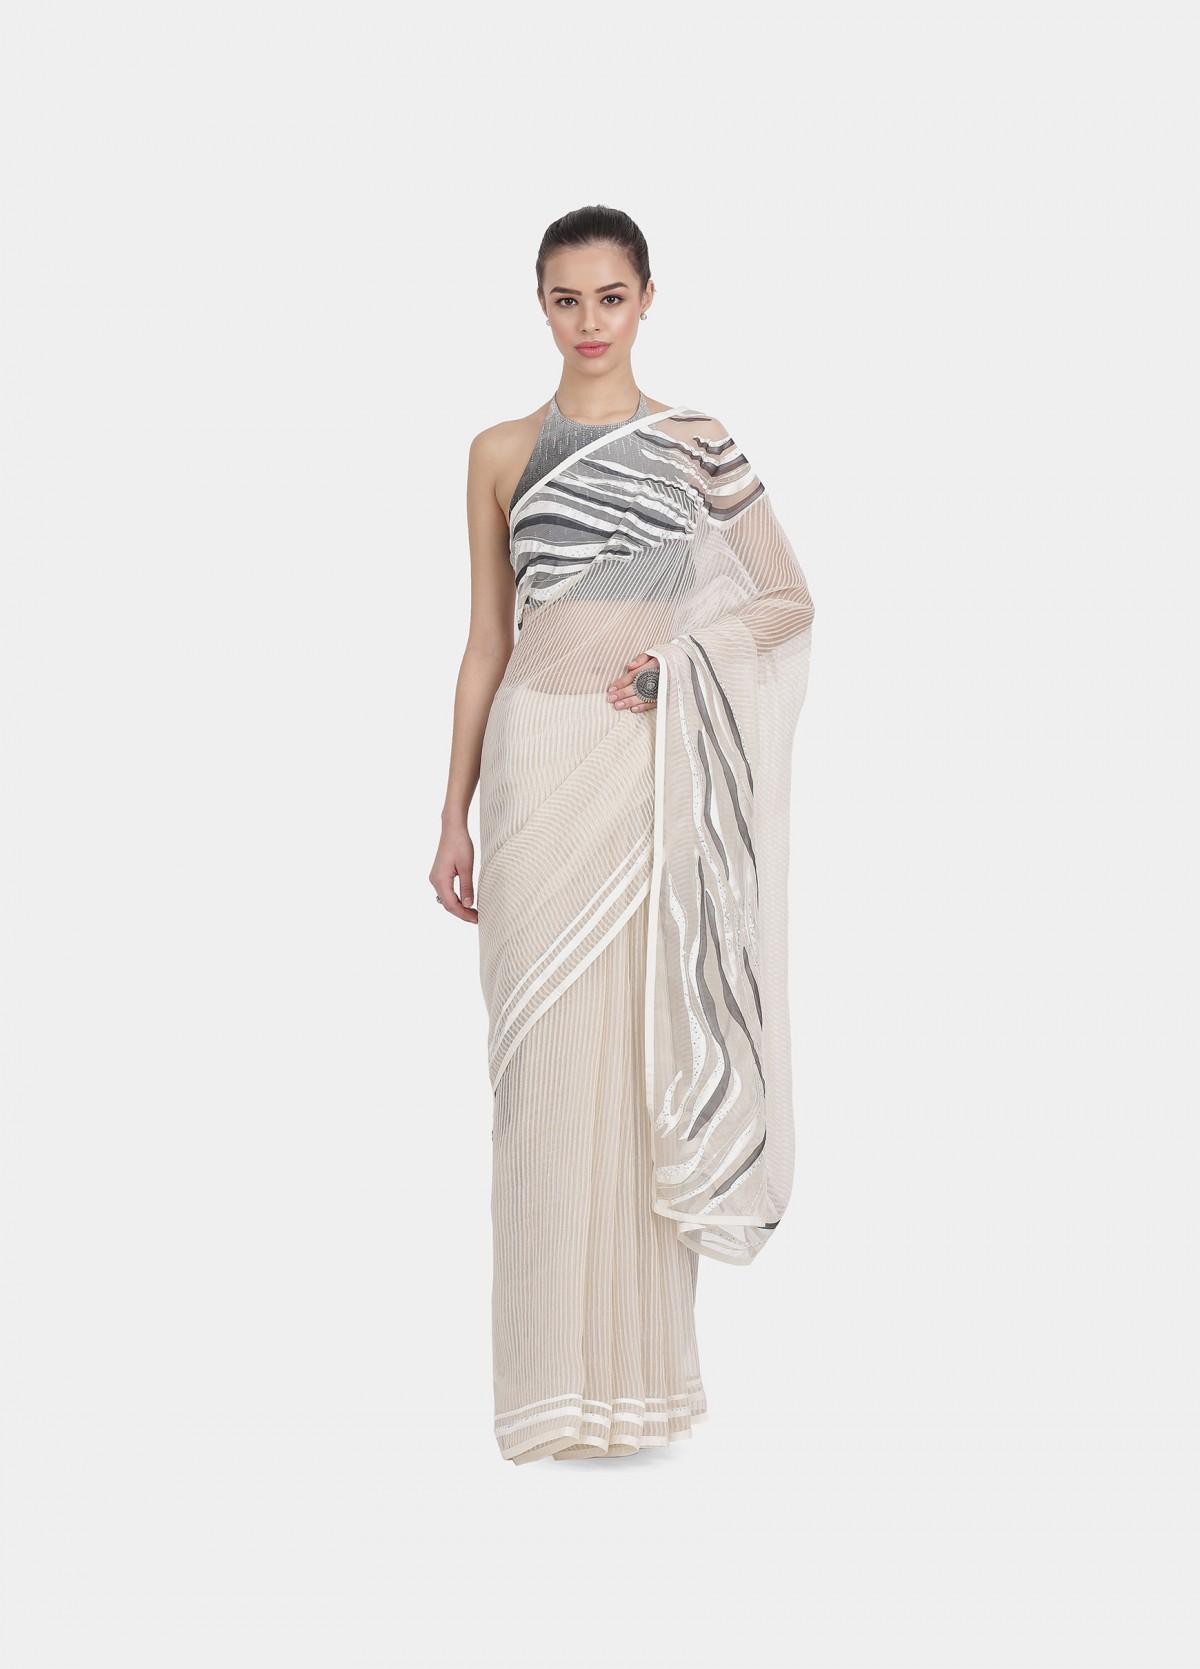 The Impressions Sari